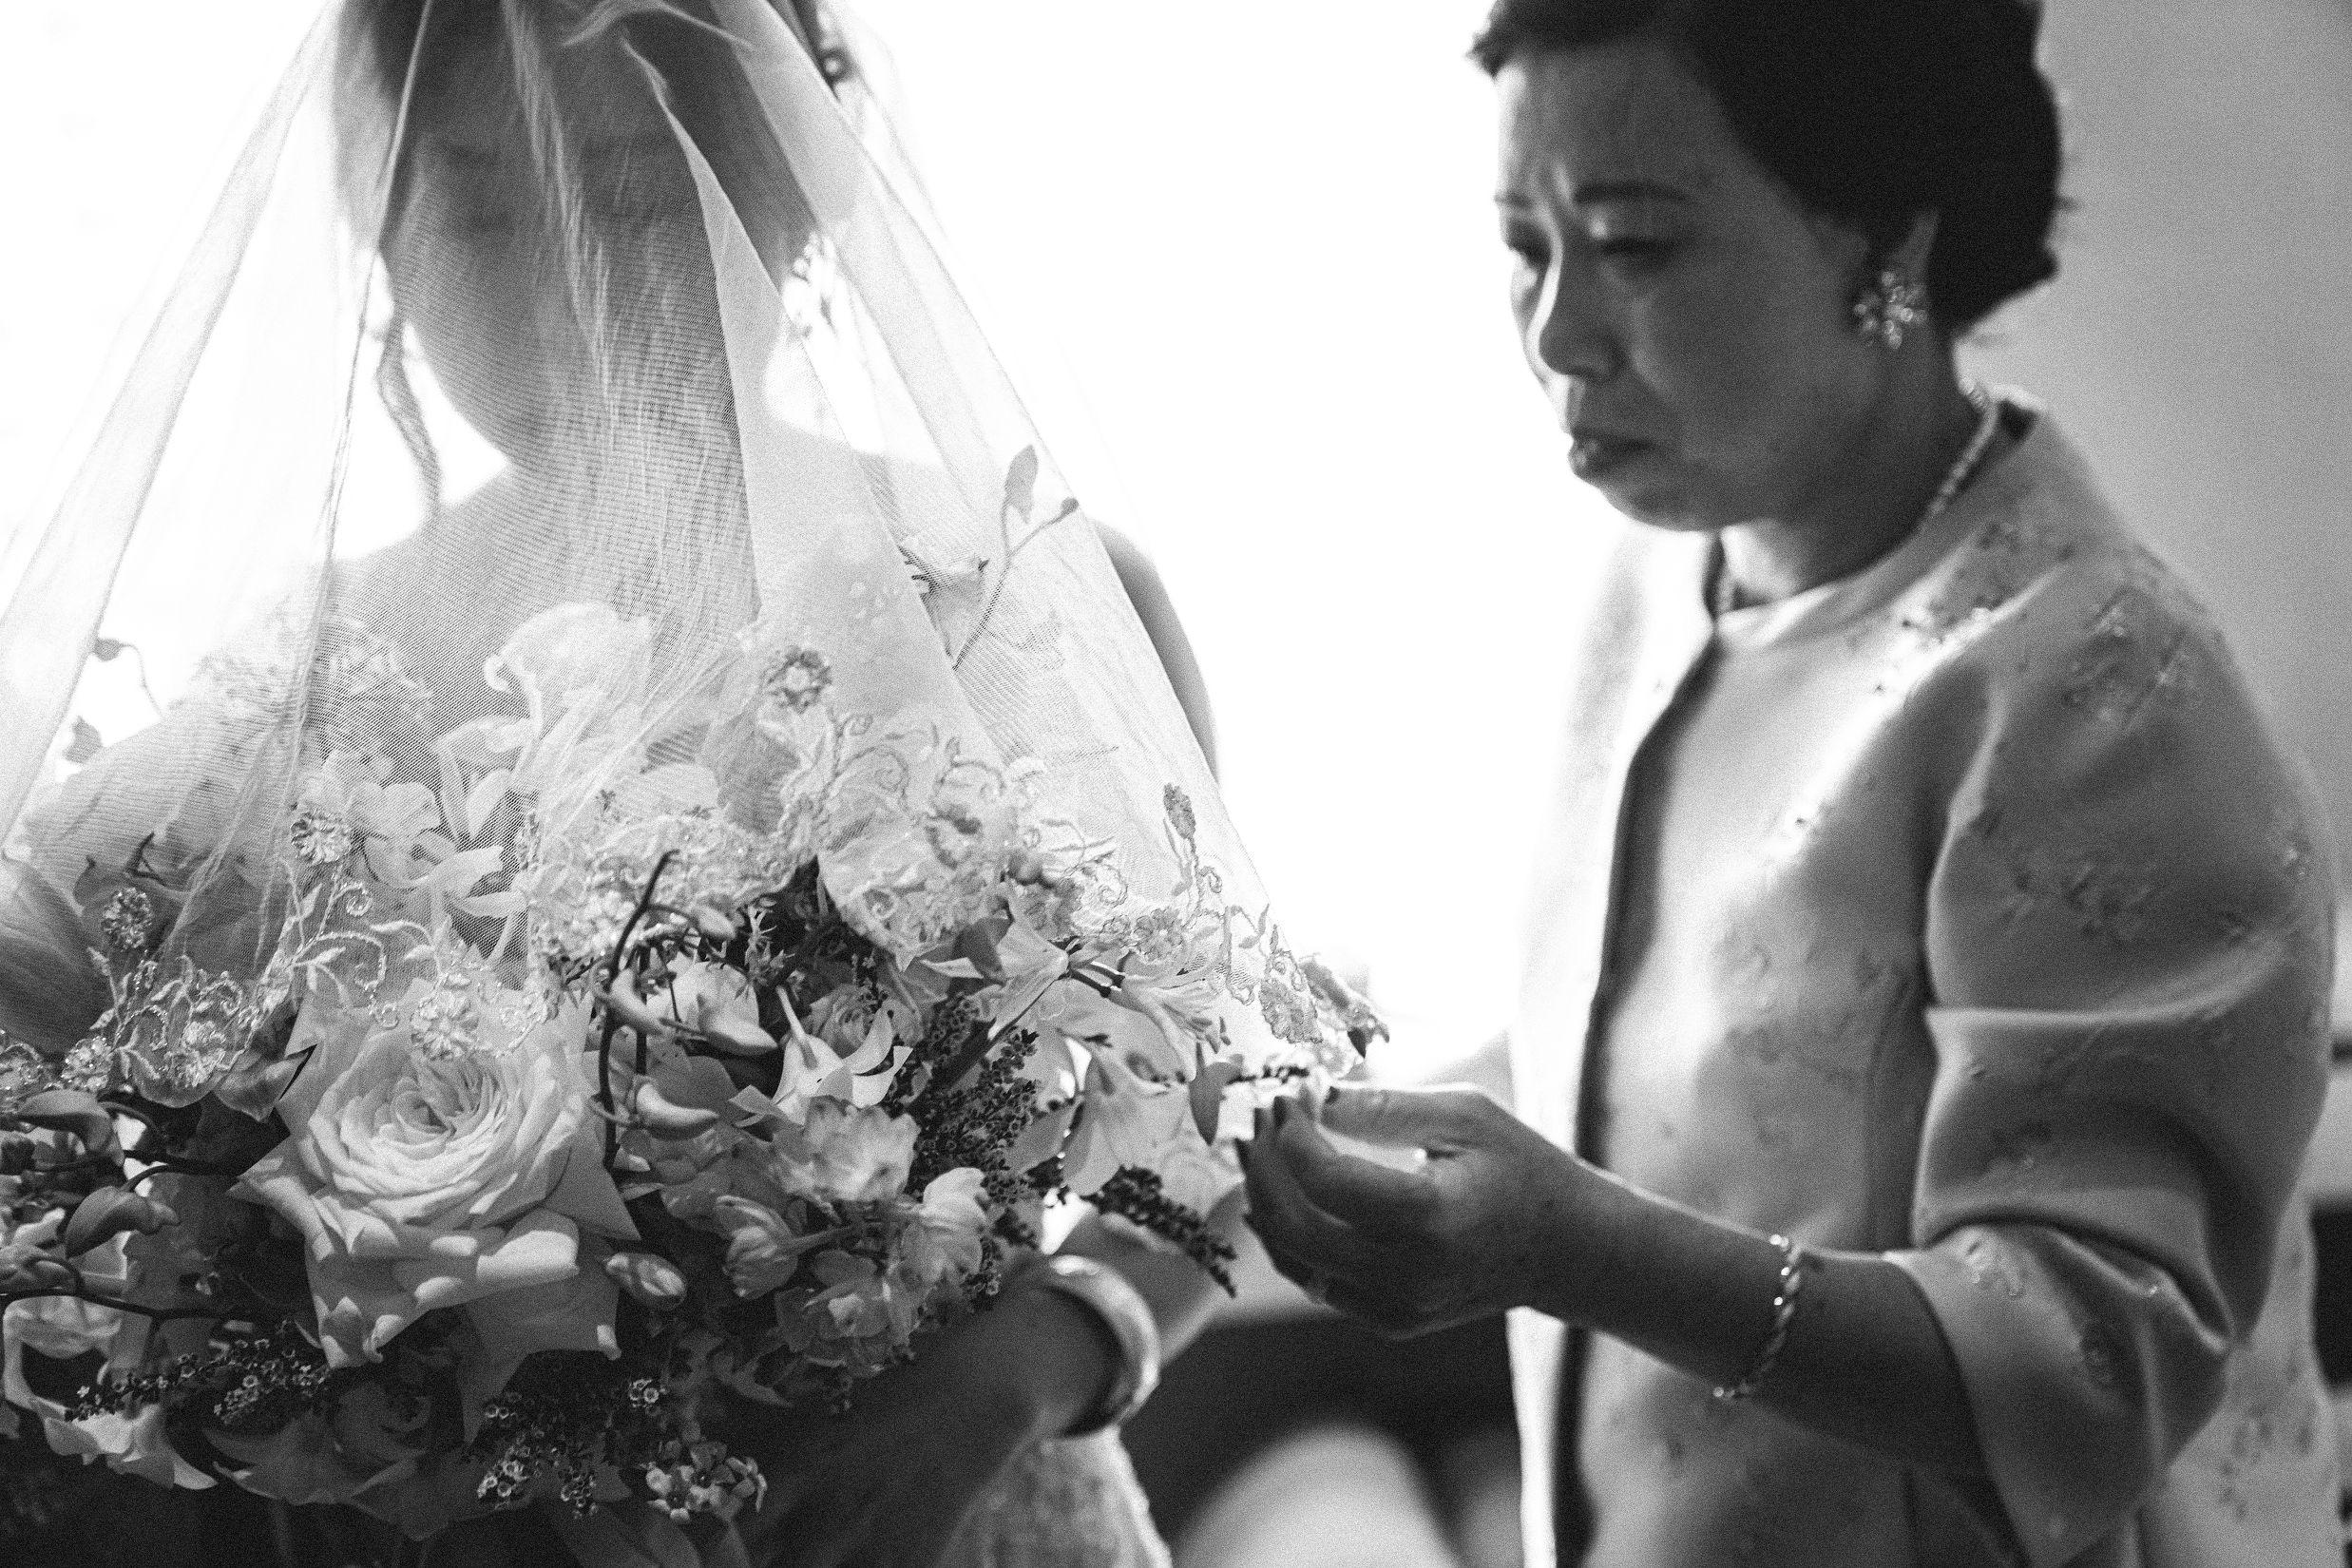 婚禮紀錄,婚攝,婚禮攝影,婚錄,白日夢工廠,動態錄影,婚禮現場,儀式,雙機攝影,類婚紗,寒舍艾麗,風雲20,PTT推薦,新娘物語推薦,新秘,戒指,婚戒,婚禮佈置,LYNN,ilynnflower,闖關遊戲,